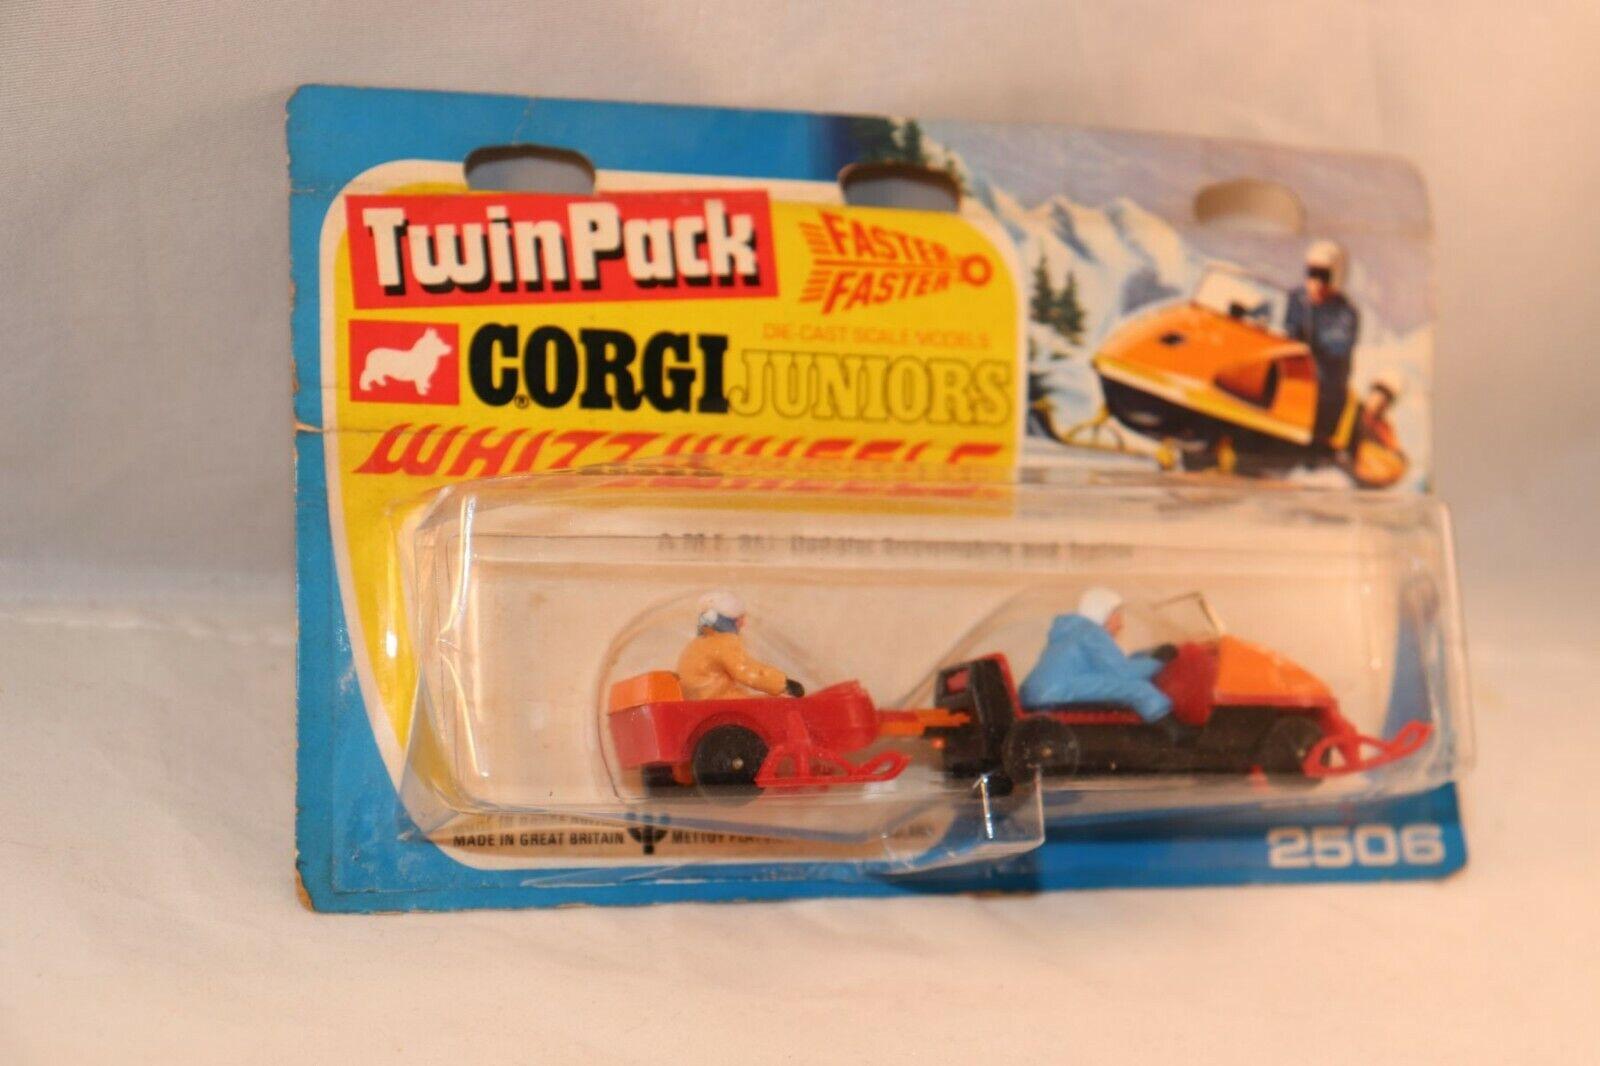 Corgi leksaker Juniors 2506 A.M.F. Ski -Daddler Snowbilene och tjärnväger mint på kort